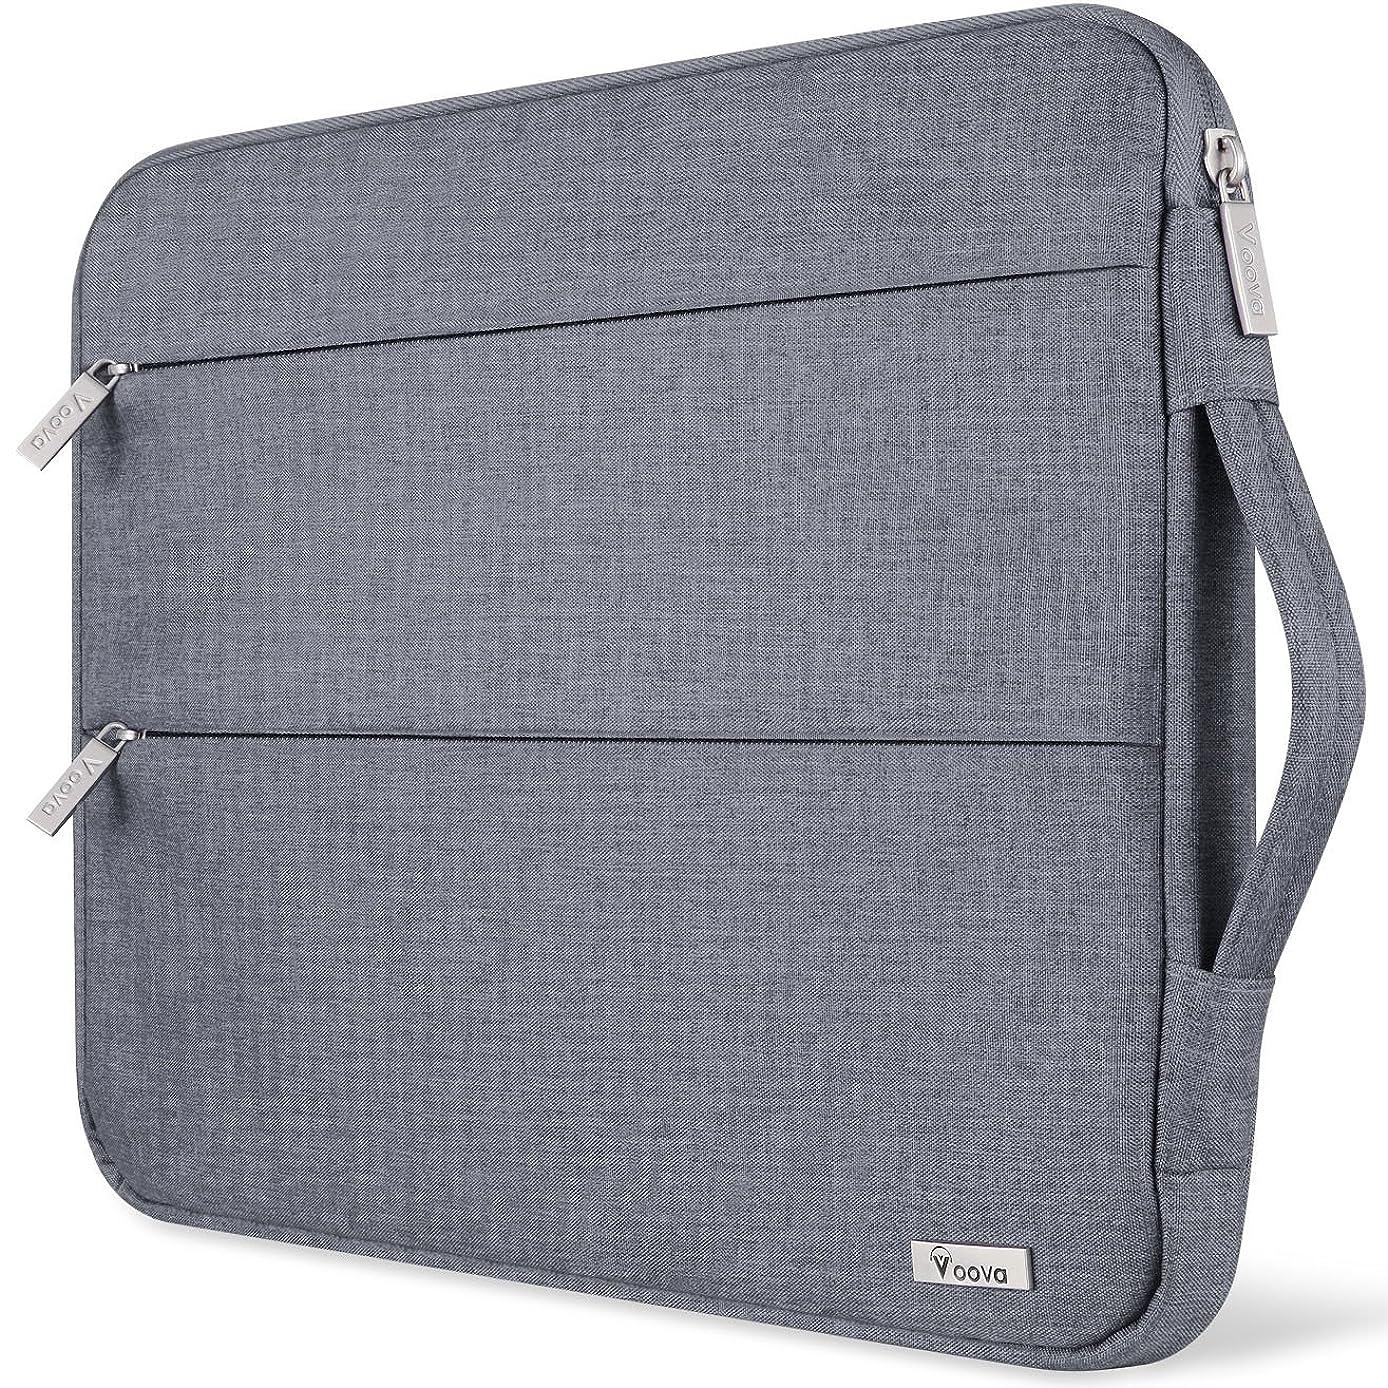 言語学宿る寝るVoova 13-13.5インチ パソコンバッグ 衝撃吸収 ラップトップ スリーブ 防水 ノートパソコン カバーケース 持ち歩き 通勤 PC収納インナーケース ビジネス 手提げカバン MacBook Air Pro 13.3